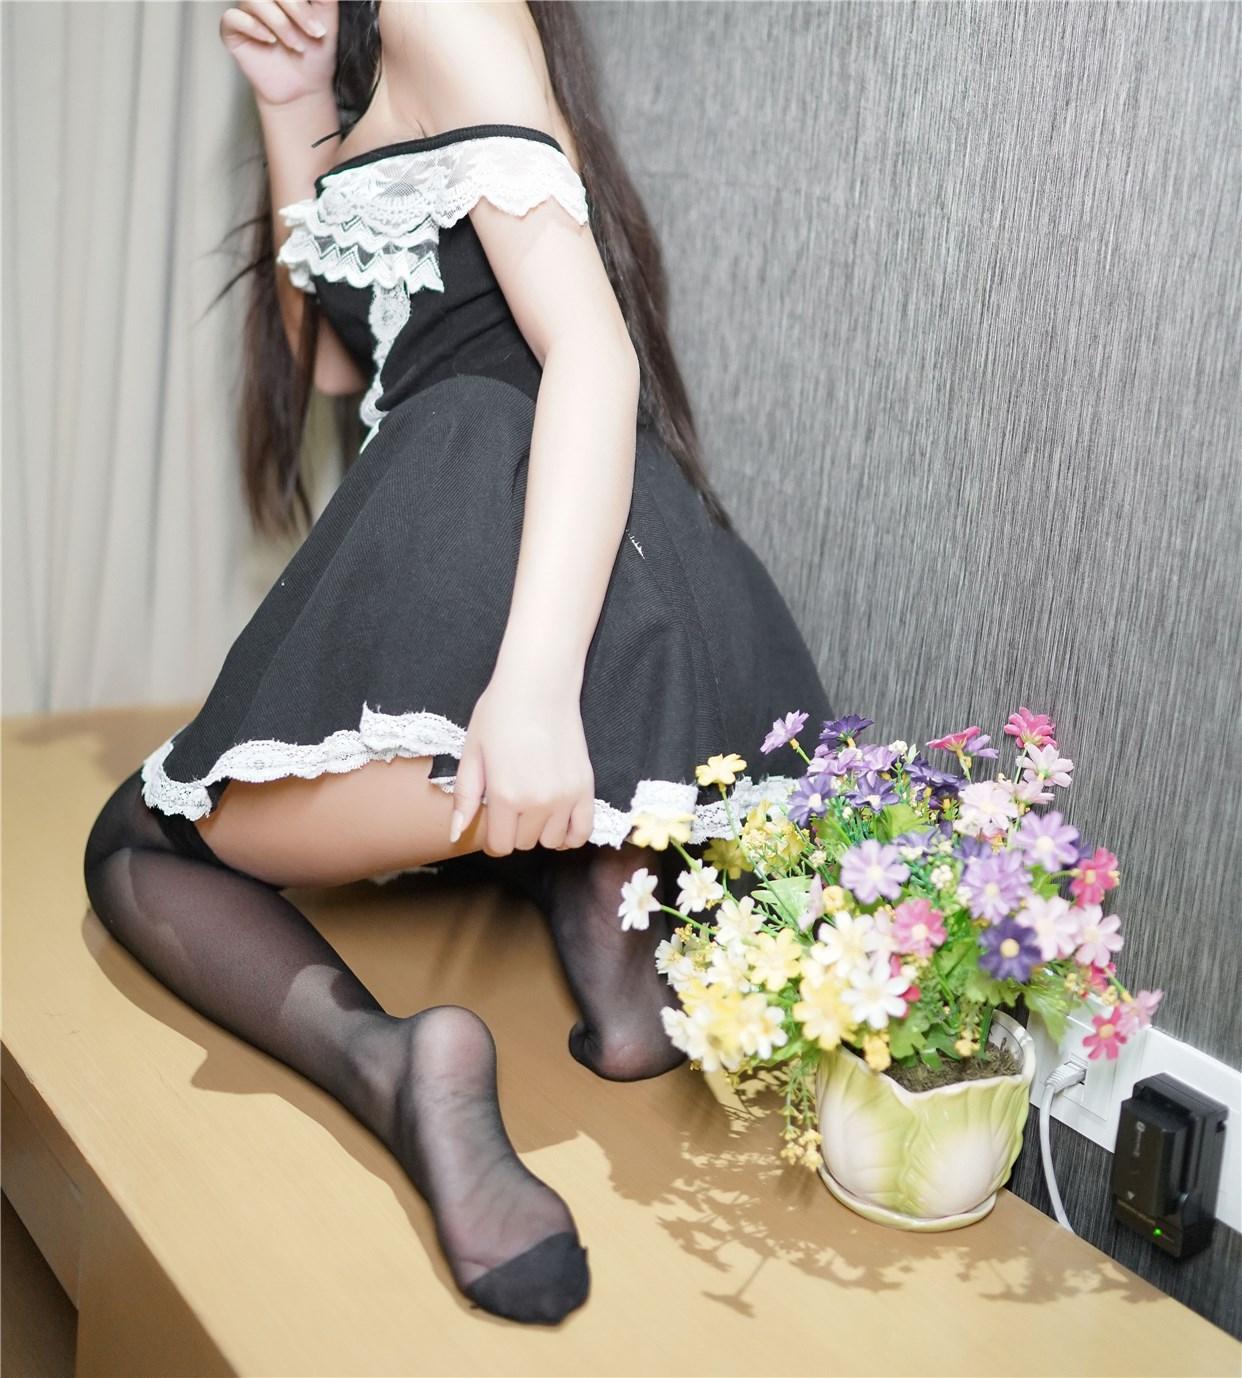 【兔玩映画】黑丝高跟鞋 兔玩映画 第15张